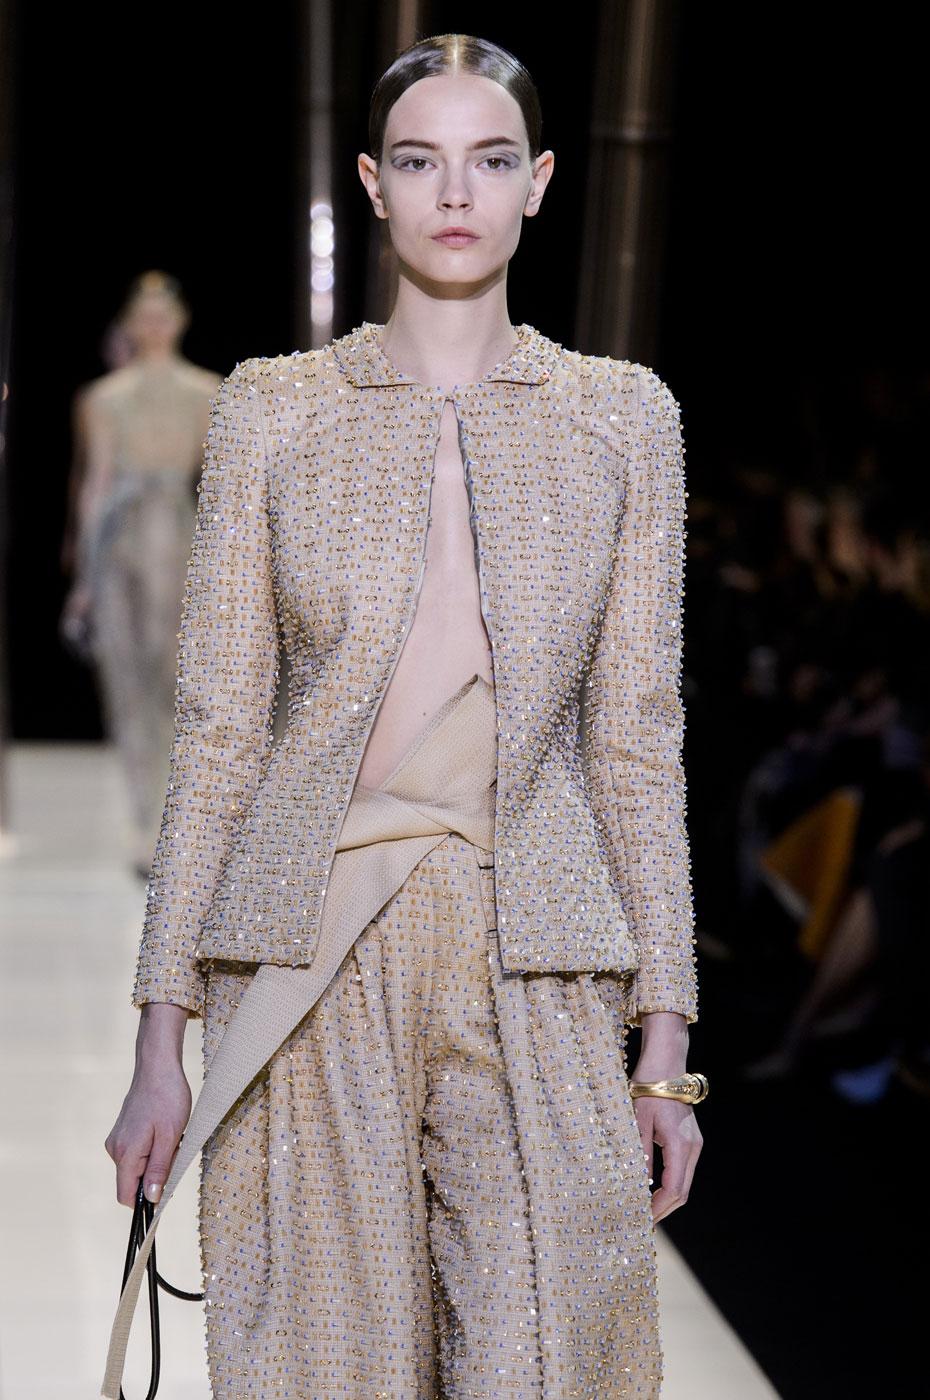 Giorgio-armani-Prive-fashion-runway-show-haute-couture-paris-spring-2015-the-impression-084